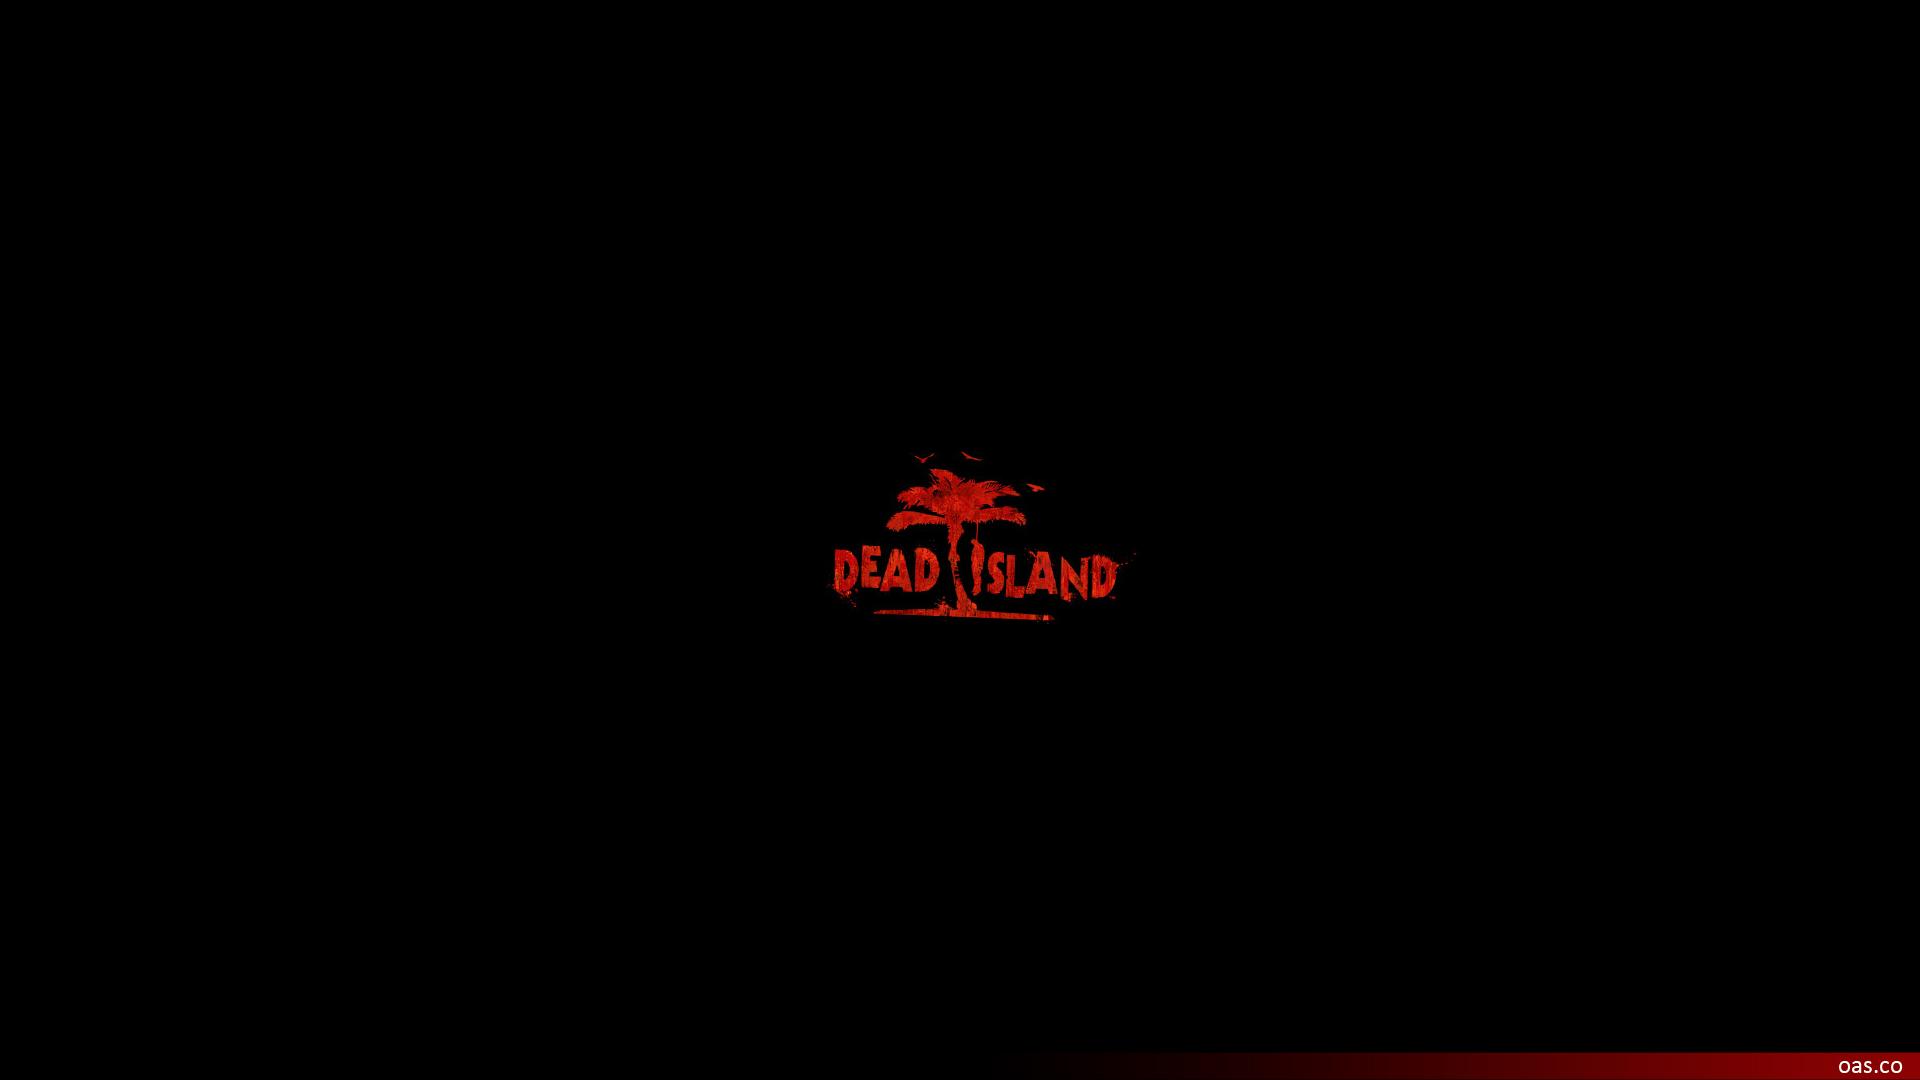 Dead Island Wallpaper Logo